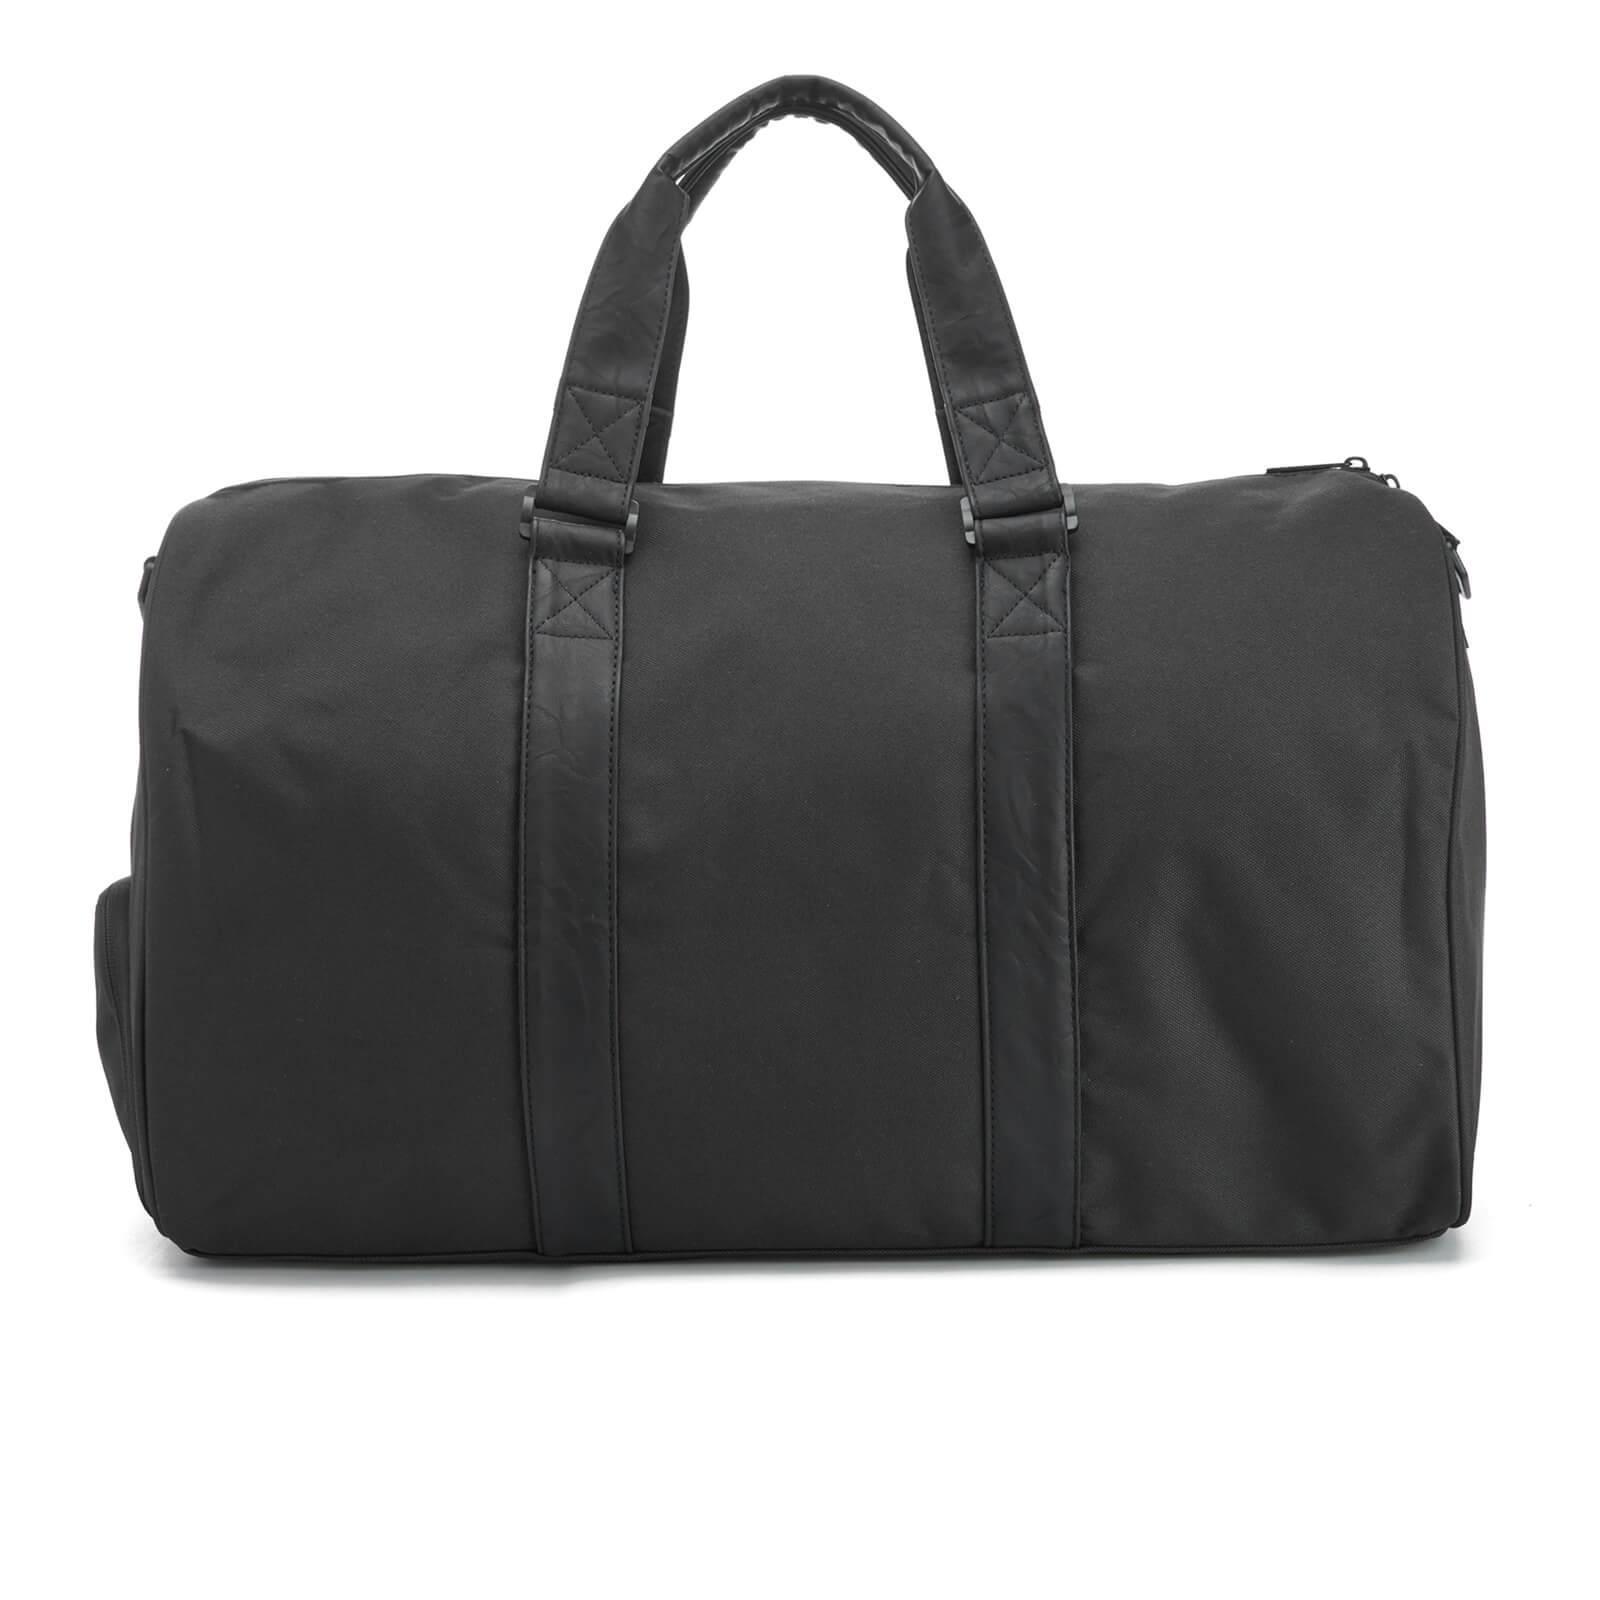 a69a0384ba Herschel Supply Co. - Black Novel Duffle Weekend Bag for Men - Lyst. View  fullscreen